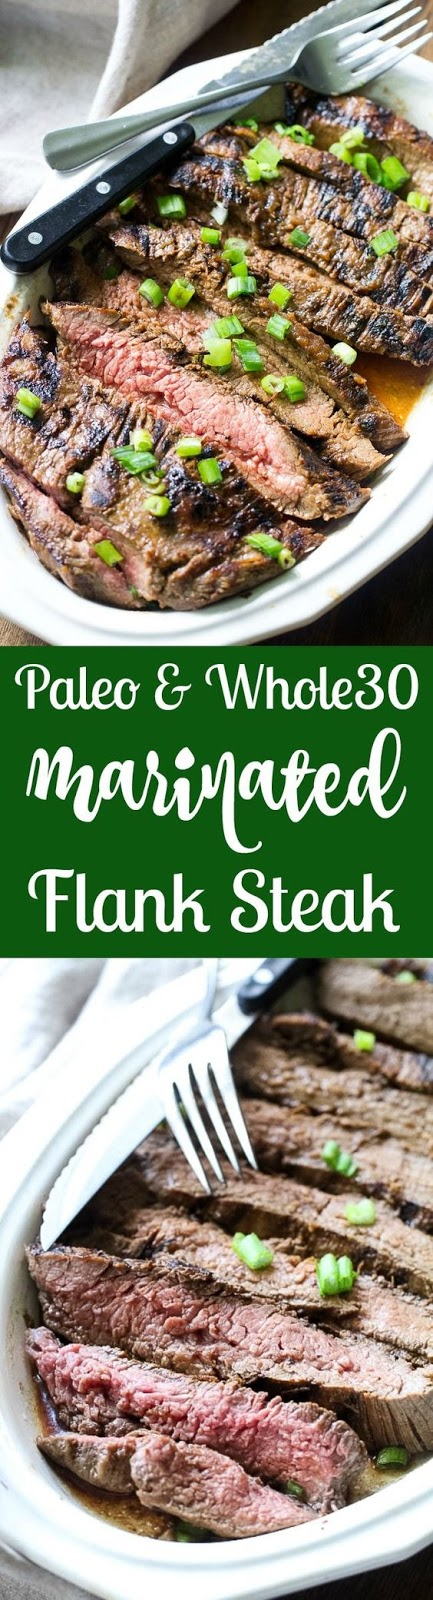 Paleo Marinated Flank Steak (Whole30)